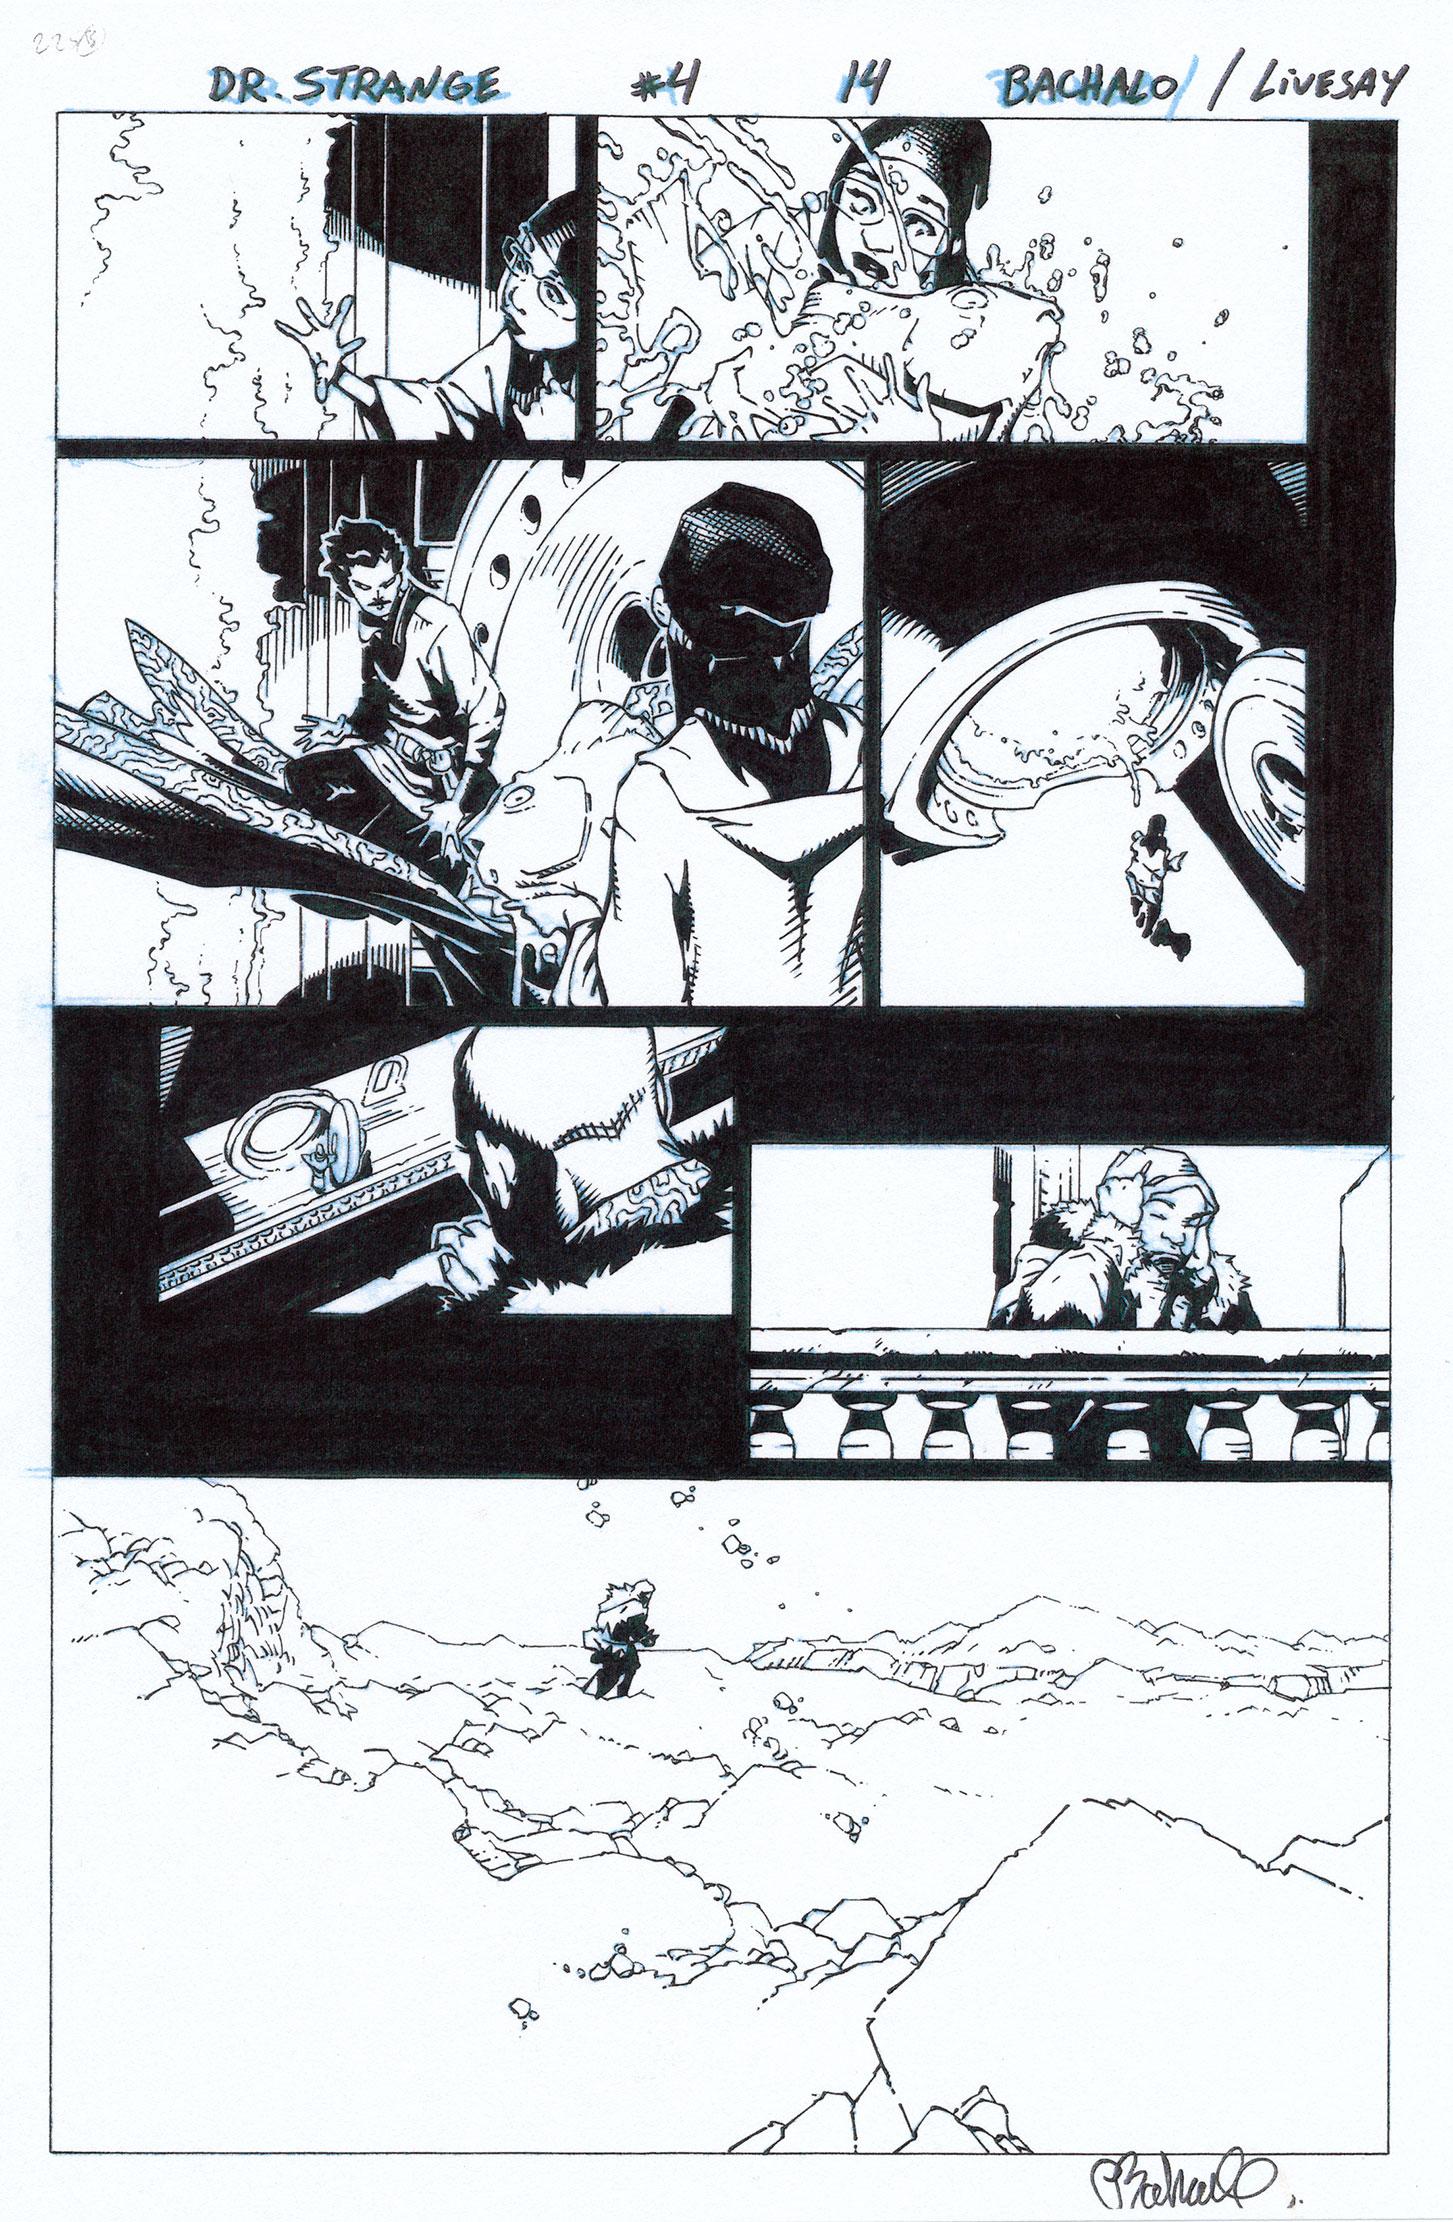 CHRIS BACHALO 2015 DR. STRANGE #4 P.14 Comic Art